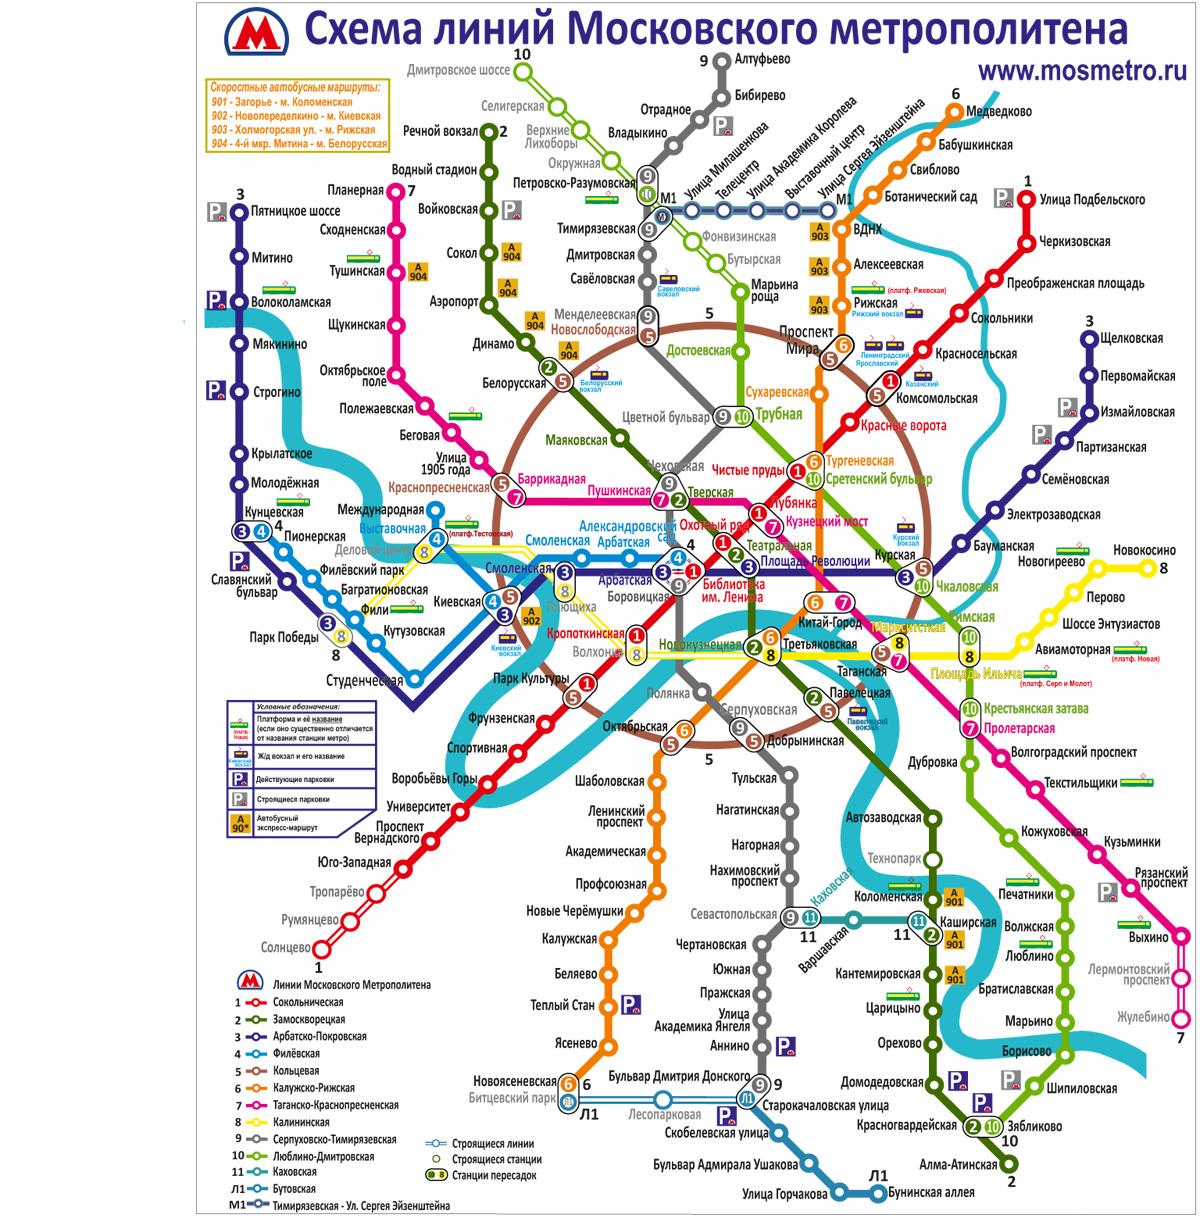 Новая схема метро москвы 2017 посмотреть